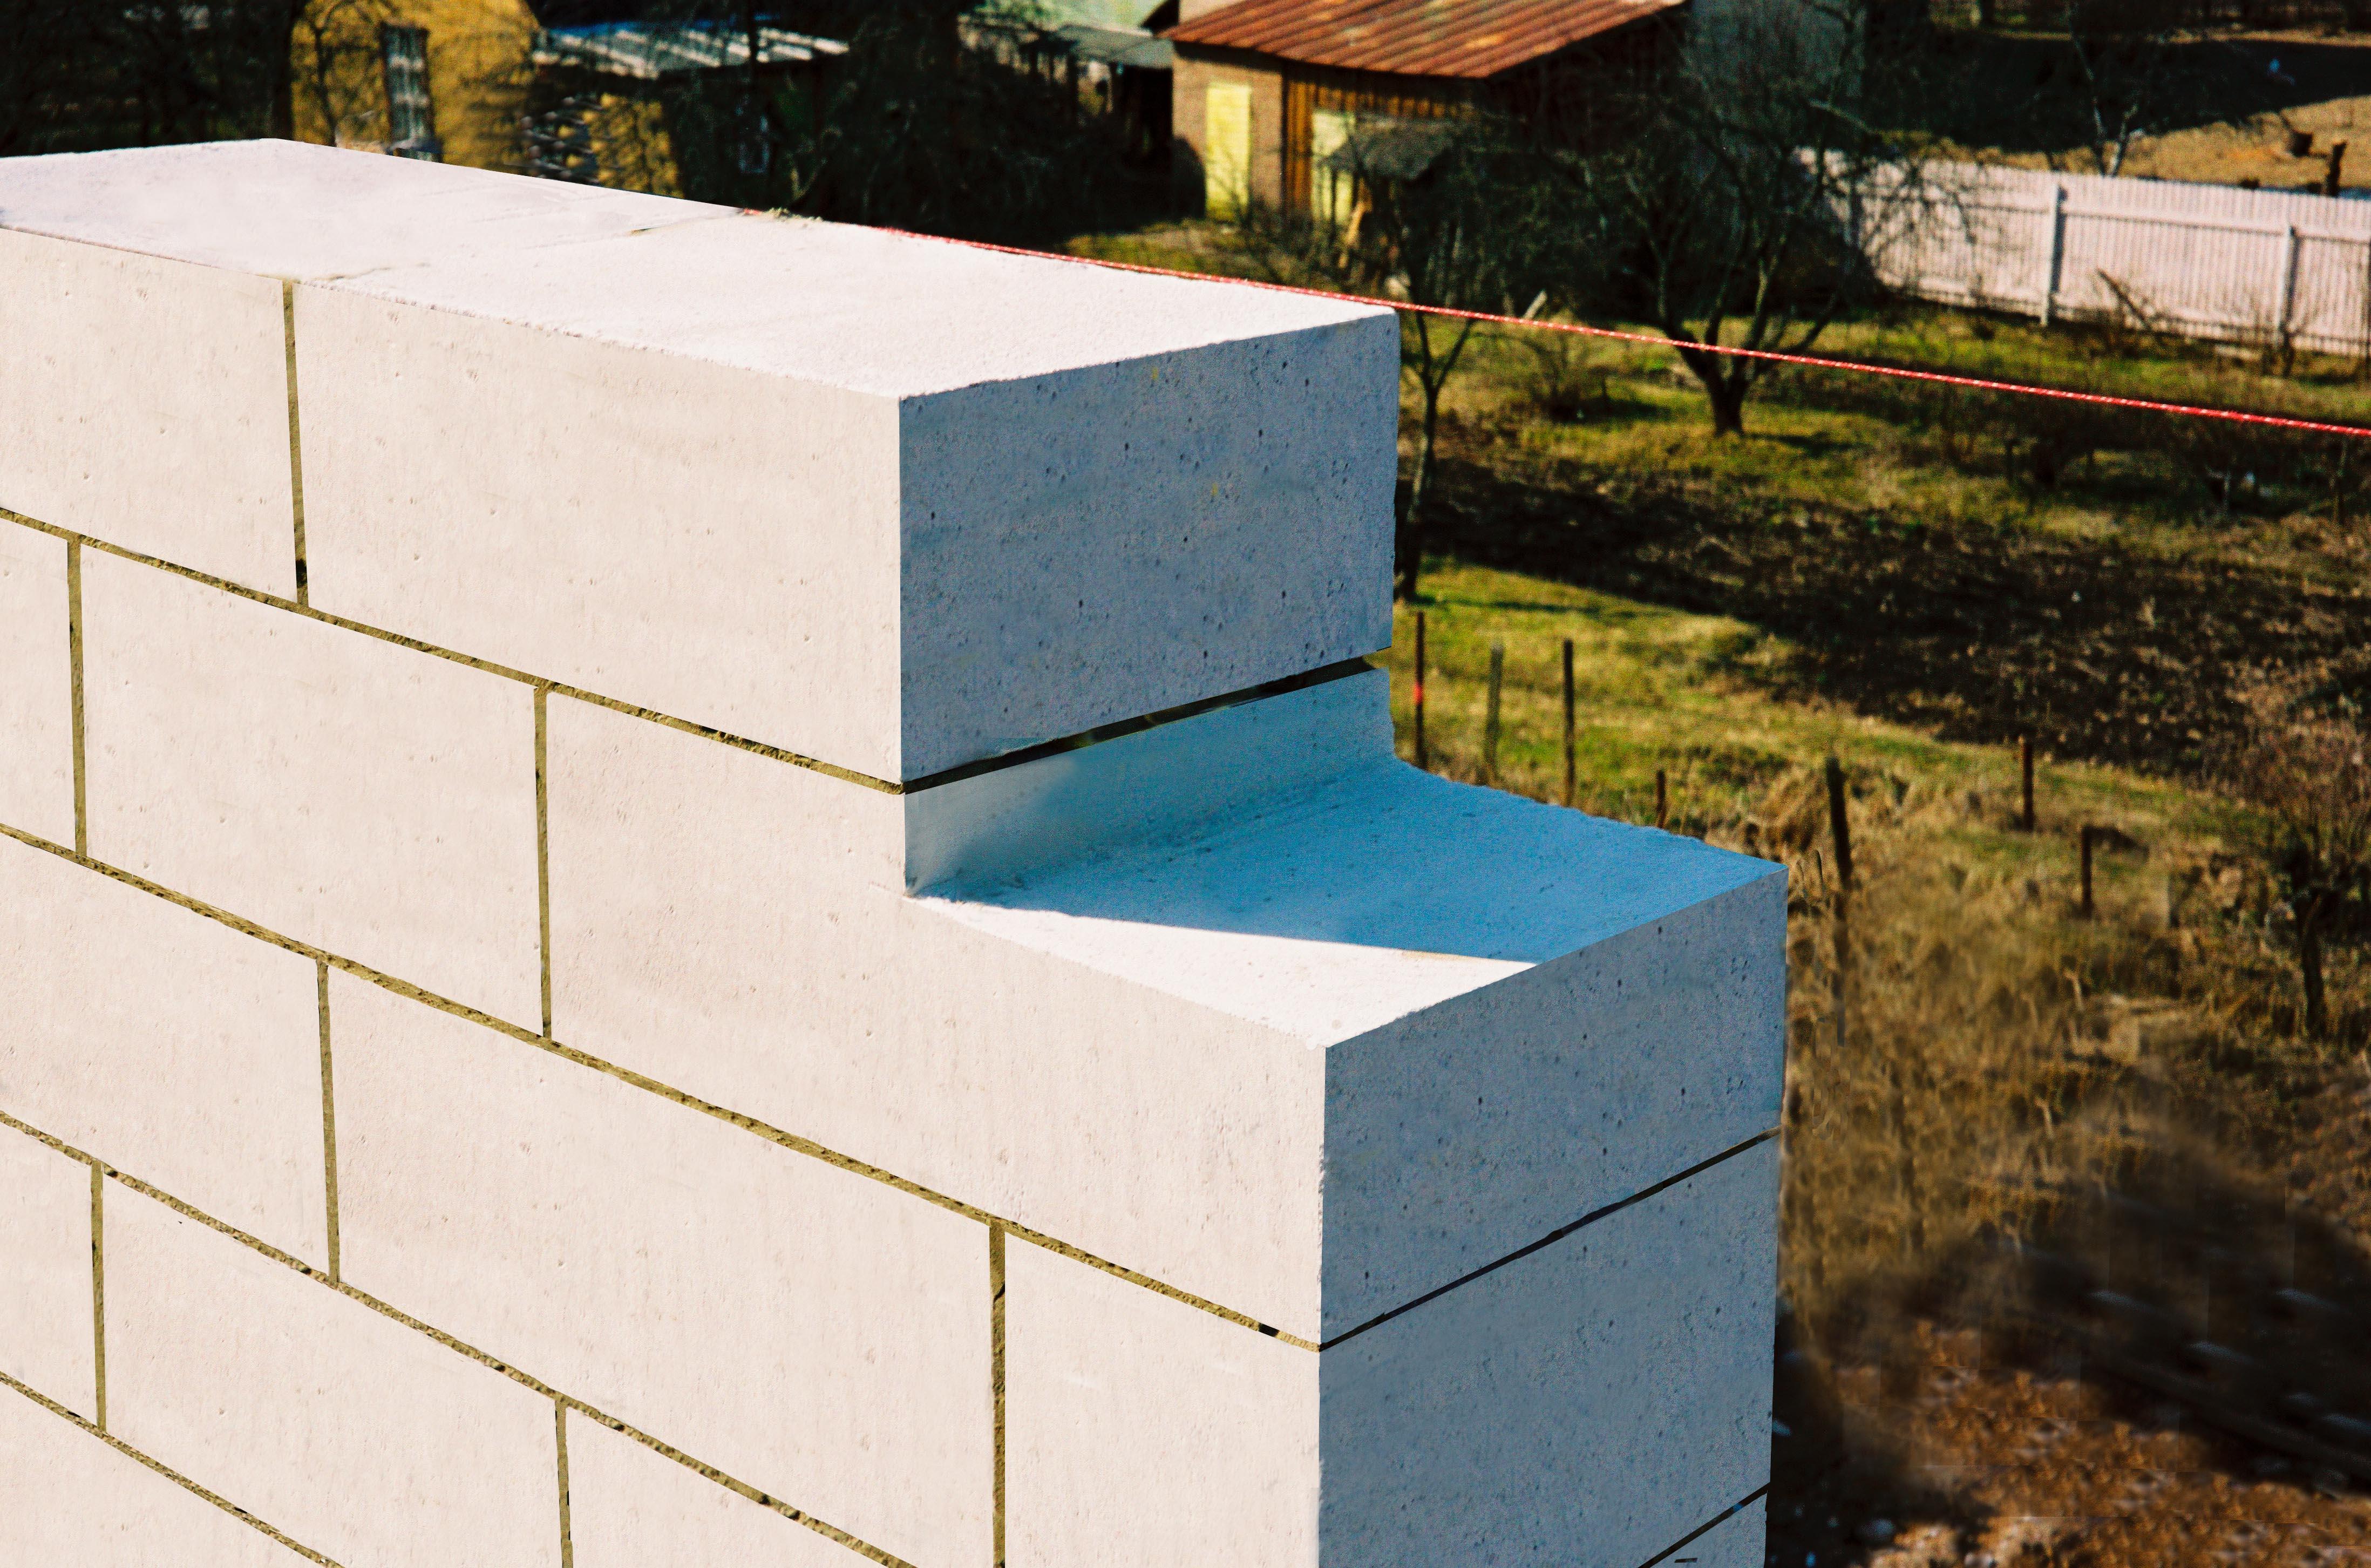 Сколько на самом деле стоят газосиликатные блоки? Недостатки стройматериалов.